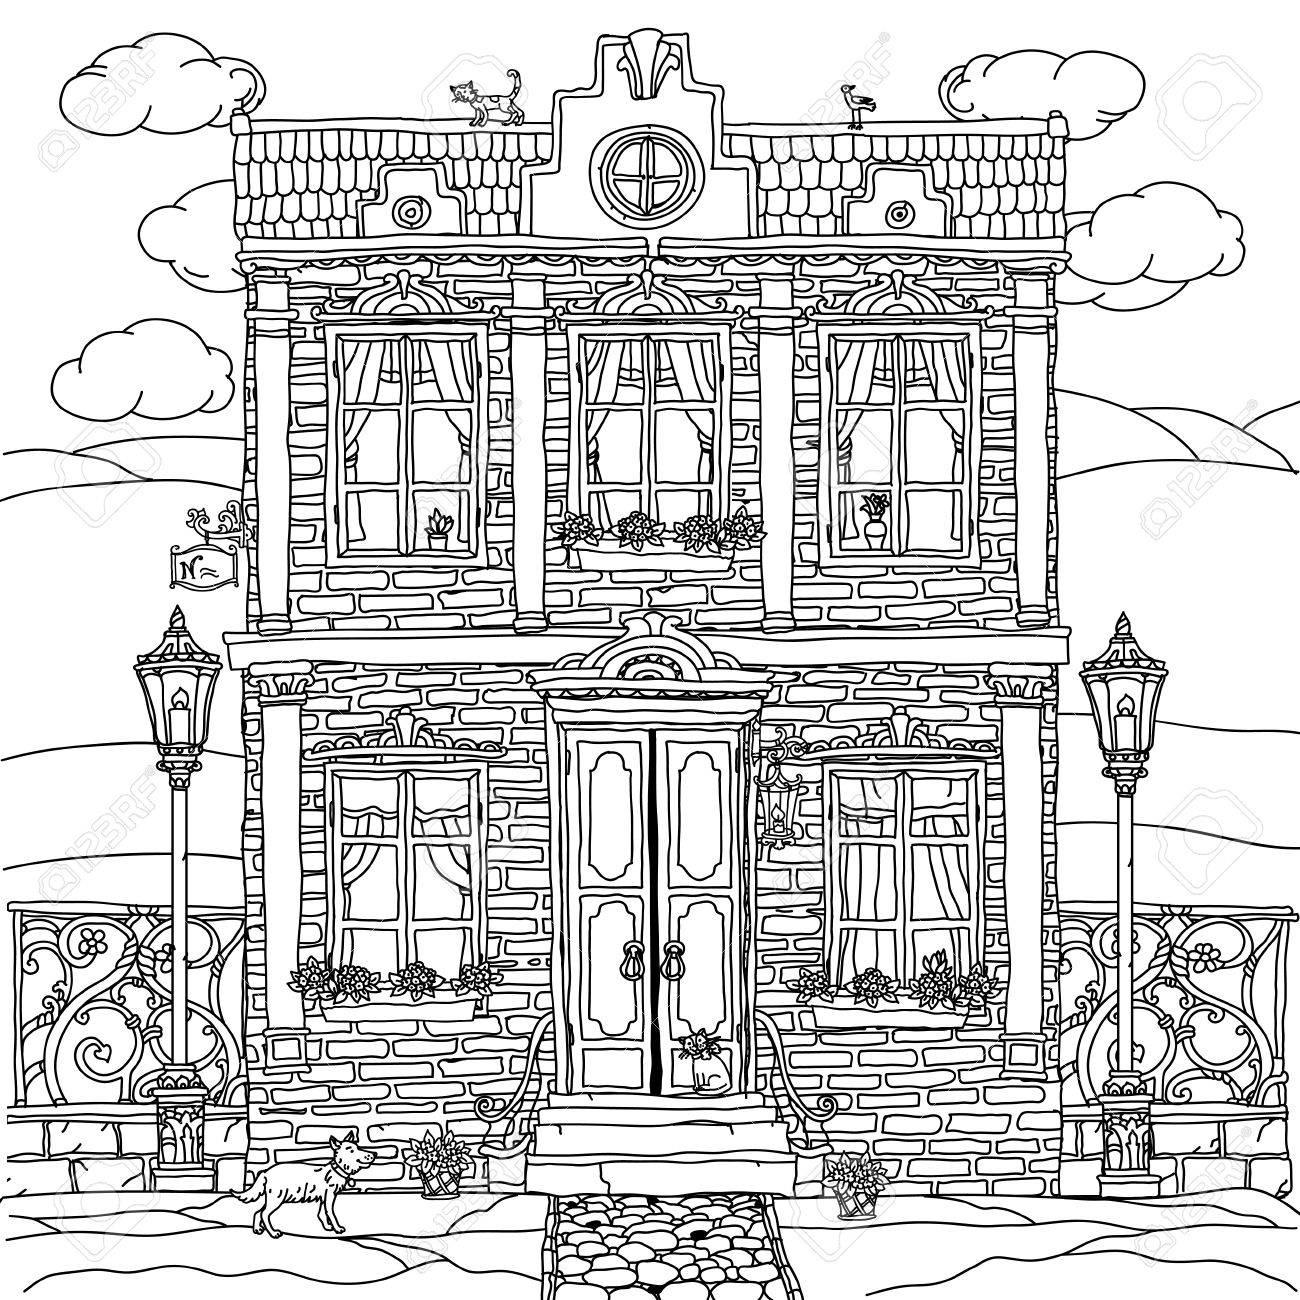 Coloriage Chien Maison.Facade D Une Maison Avec Des Fleurs Des Plantes Chat Et Chien Pour